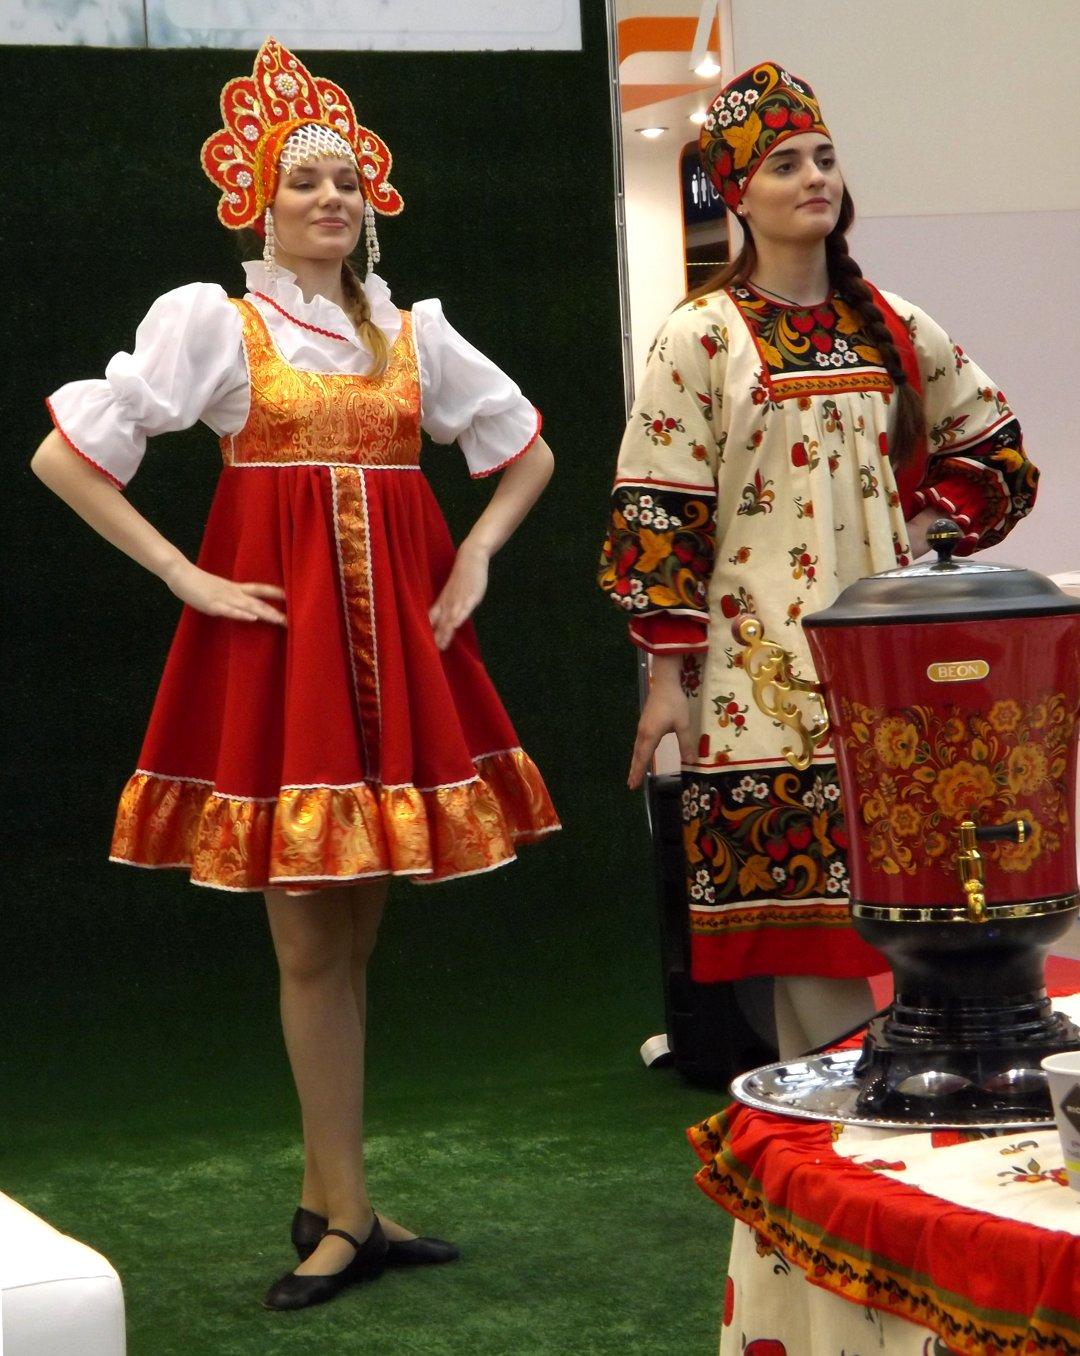 Танцующие для привлечения внимания к экспозиции девушки на выставке MosBuild 2017 в Москве